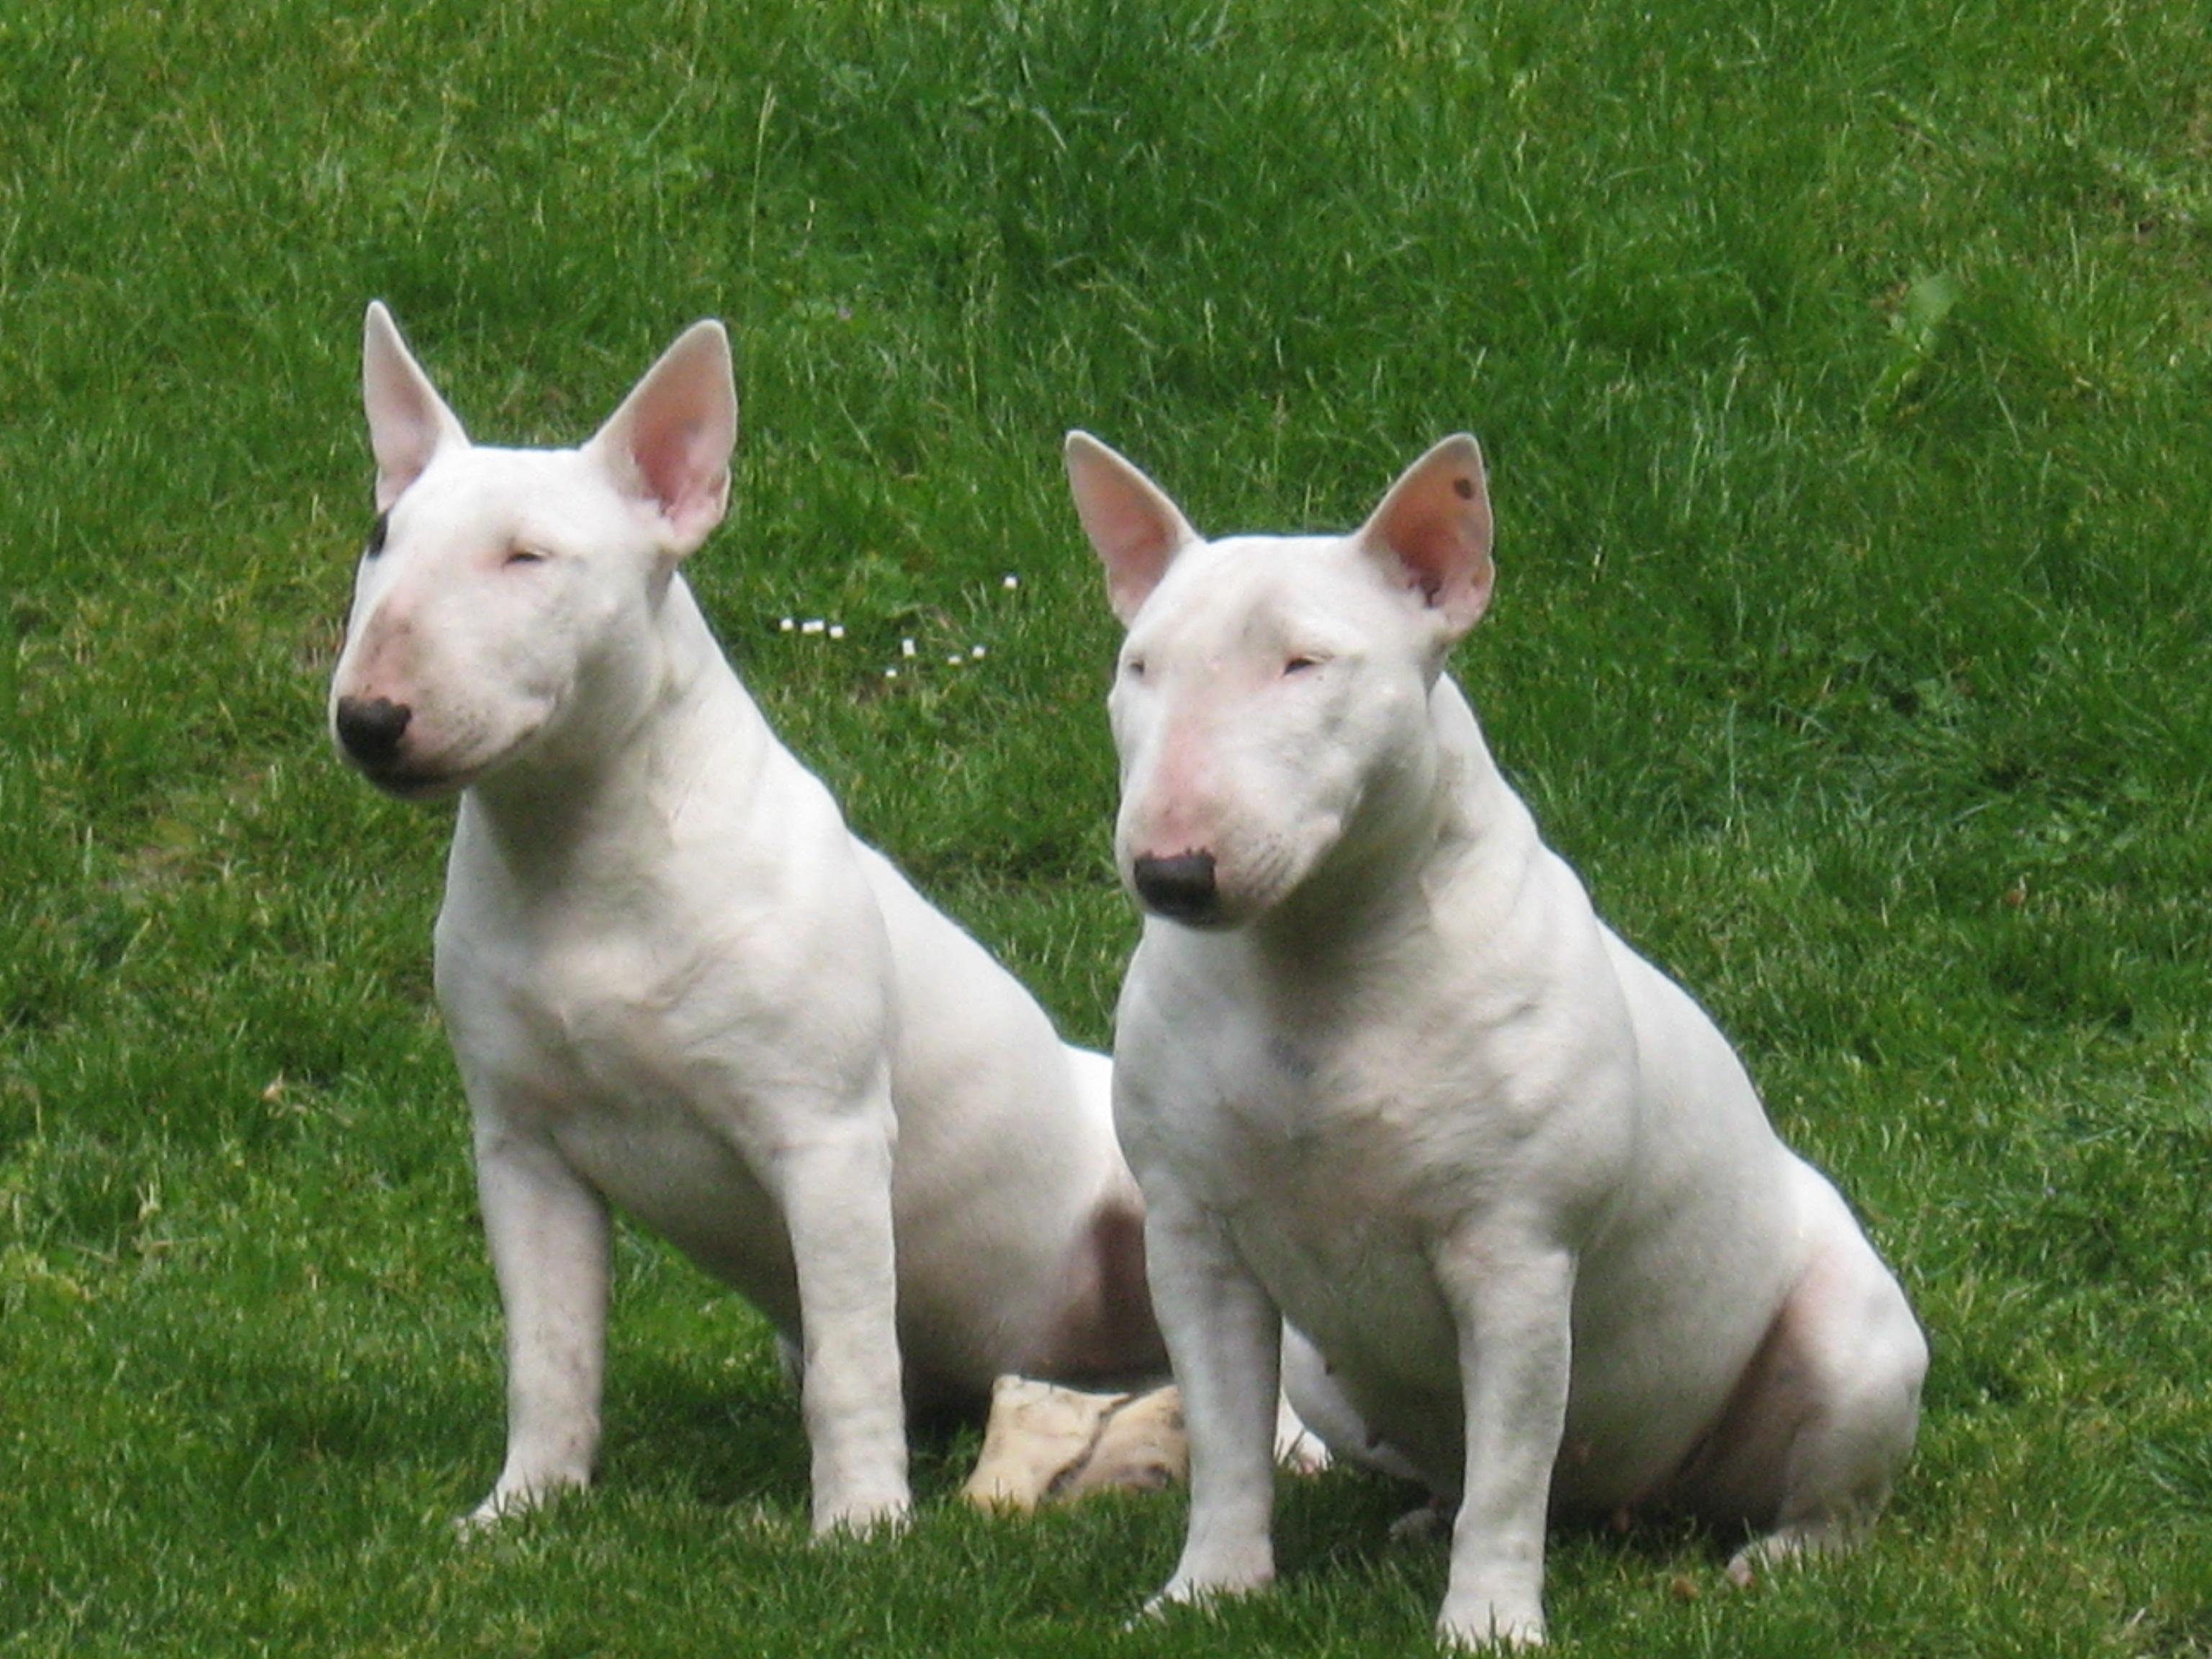 Zwei Miniatur Bullterrier auf dem Rasen